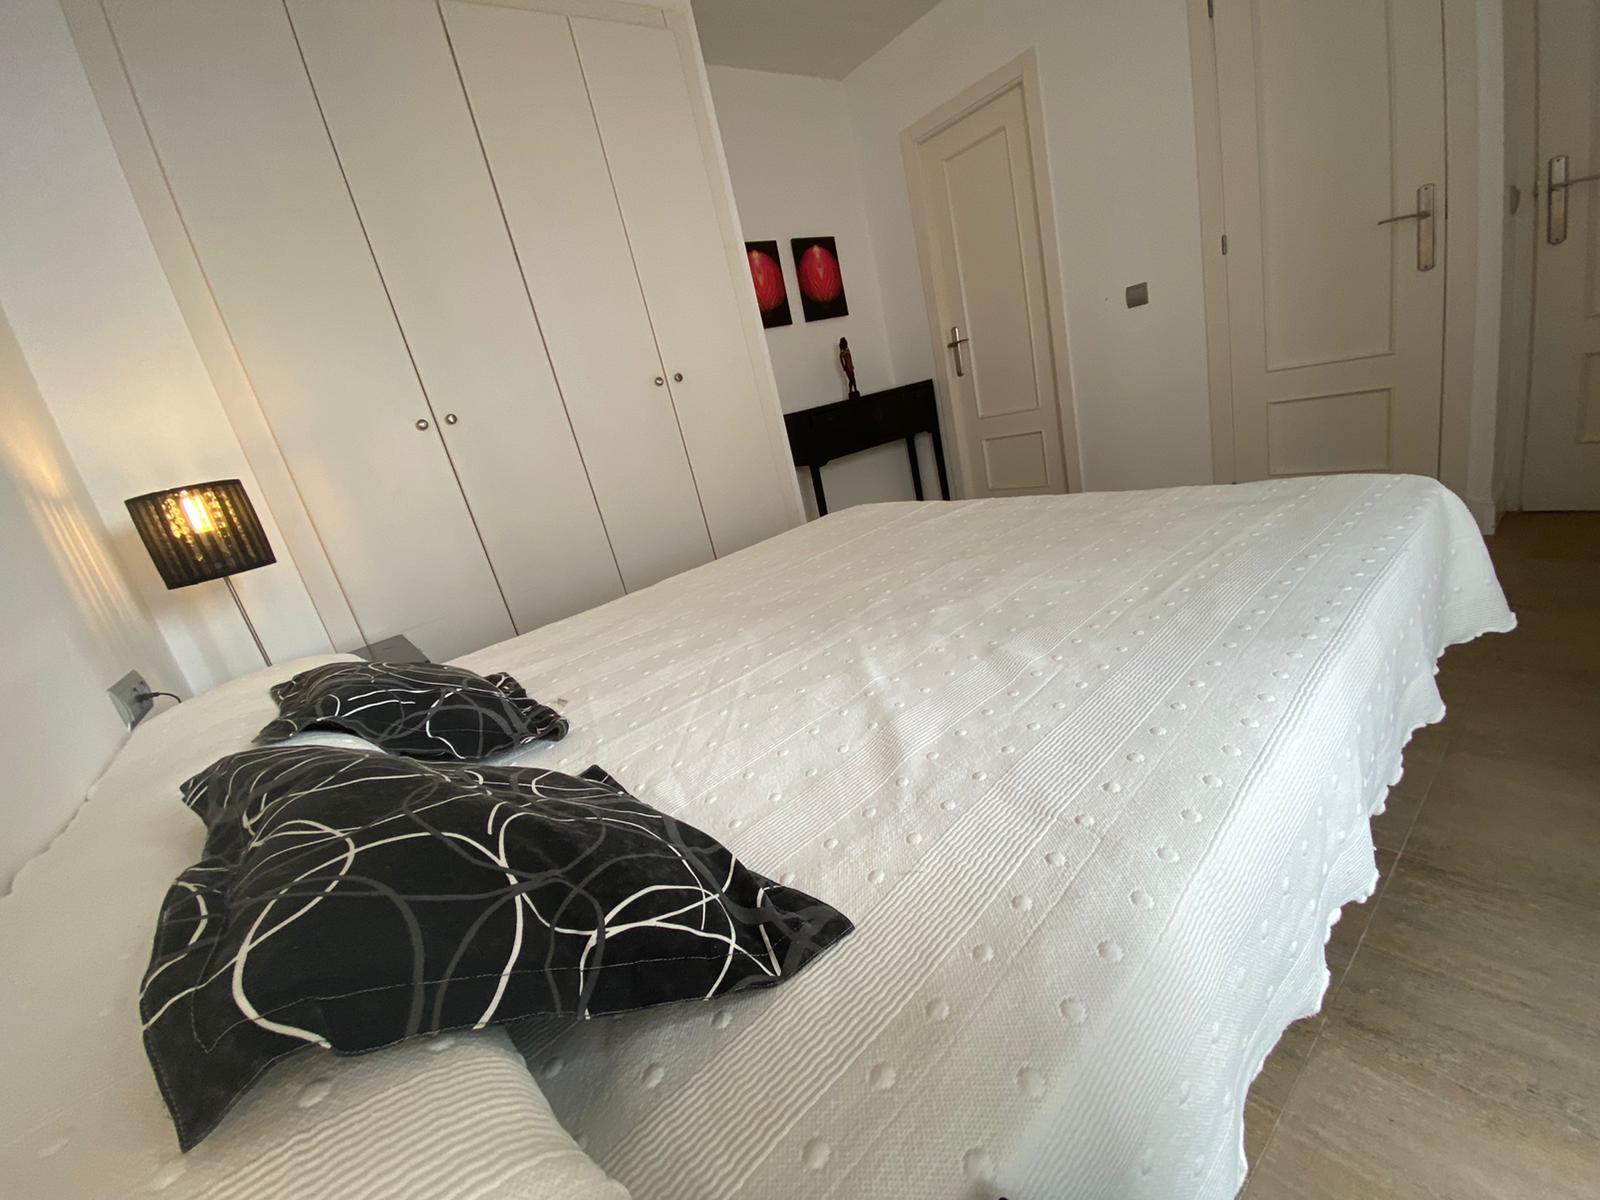 Imagen 18 del Apartamento Turístico, Ático 1 Poniente (3d+2b), Punta del Moral (HUELVA), Paseo de la Cruz nº22